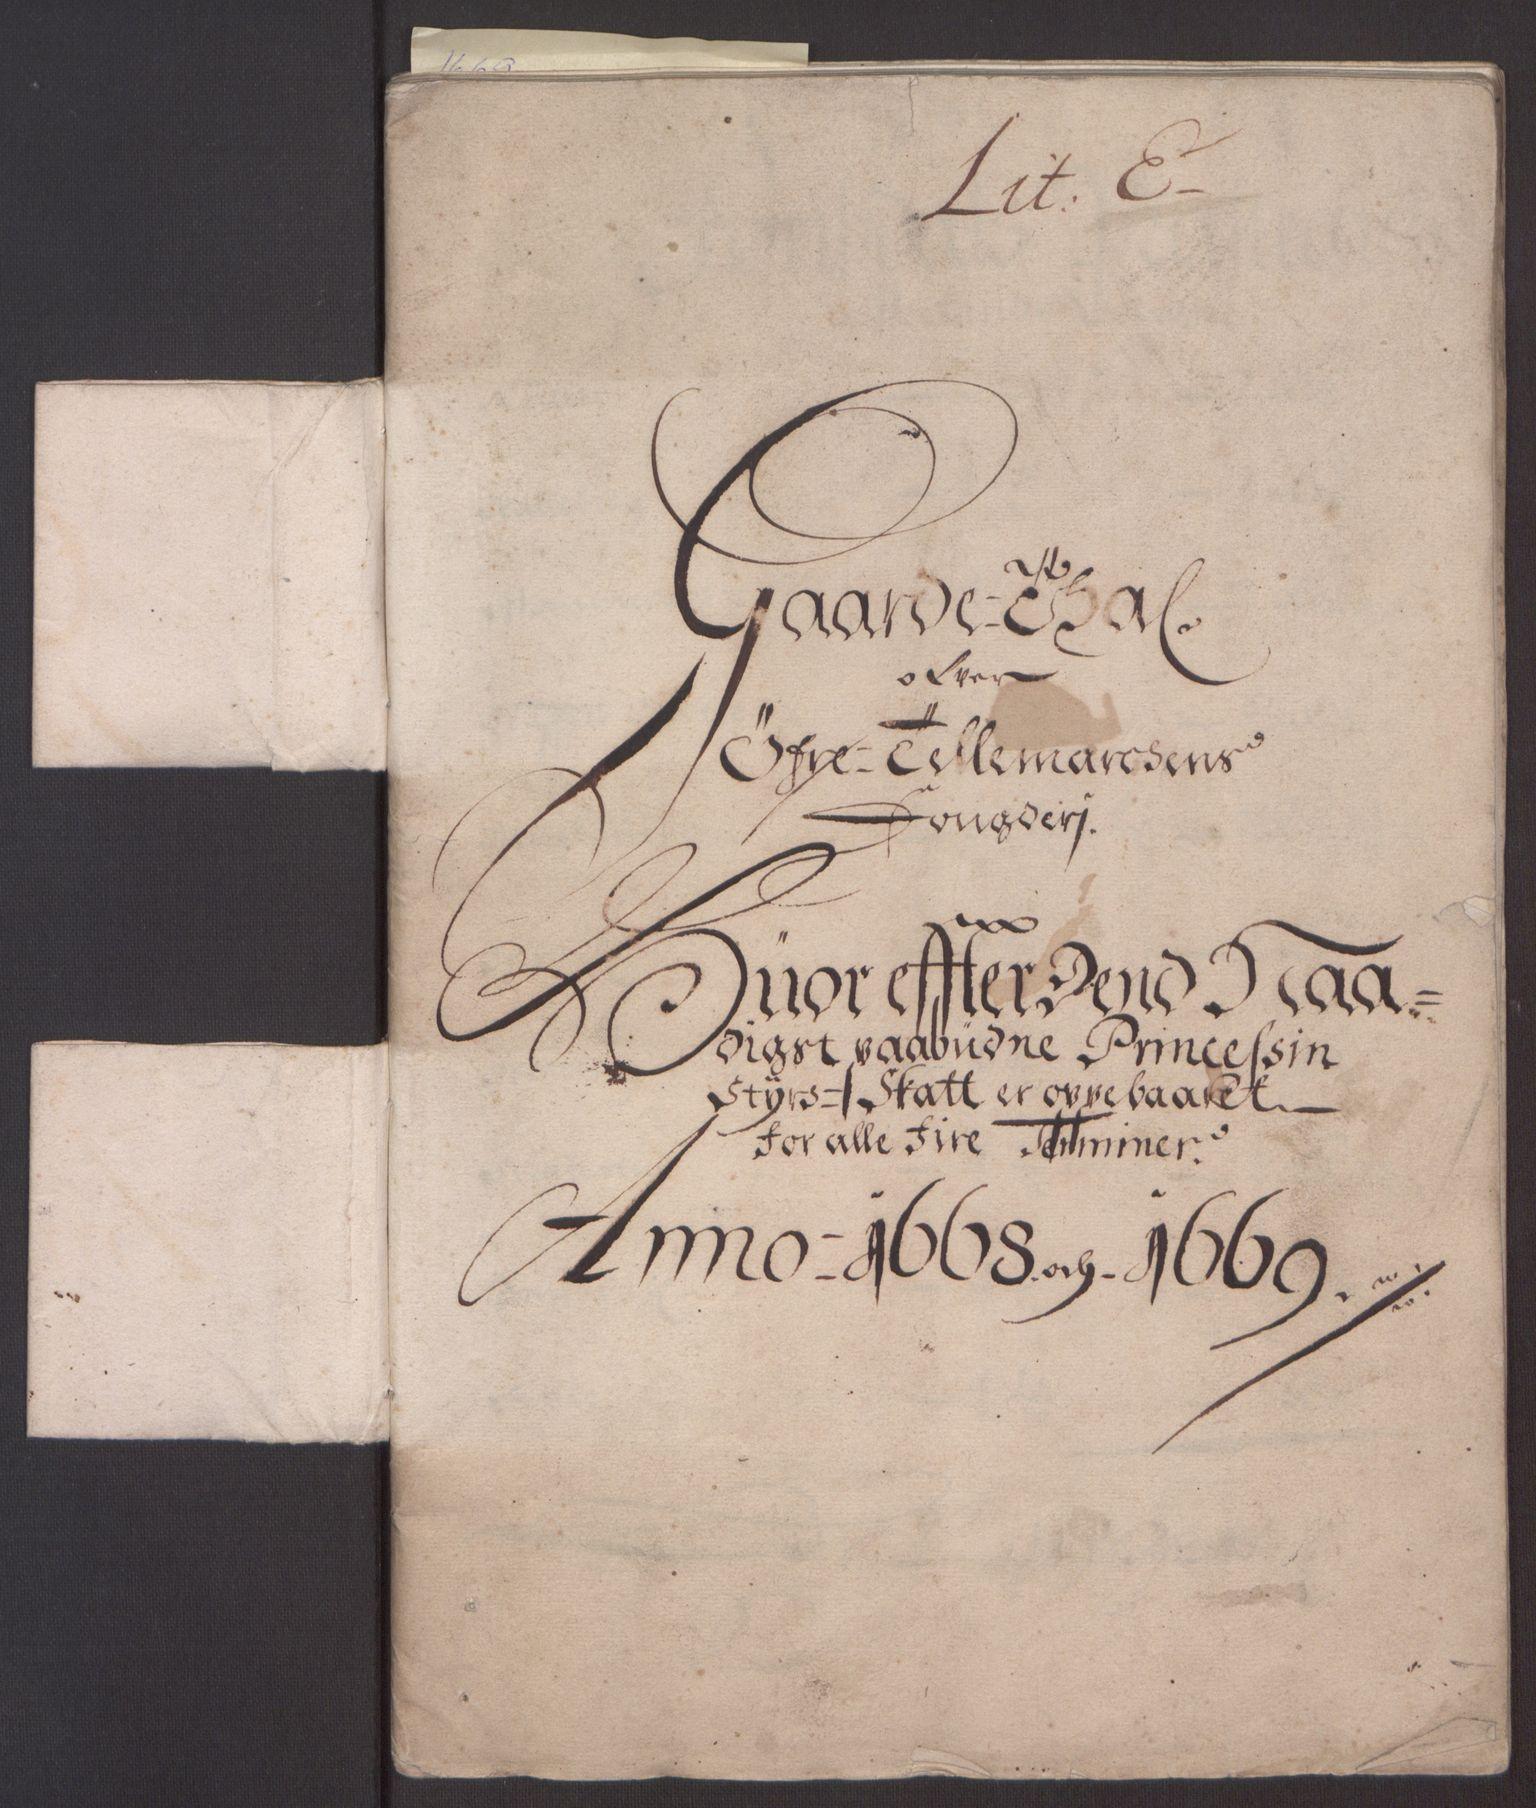 RA, Rentekammeret inntil 1814, Reviderte regnskaper, Fogderegnskap, R35/L2059: Fogderegnskap Øvre og Nedre Telemark, 1668-1670, s. 14